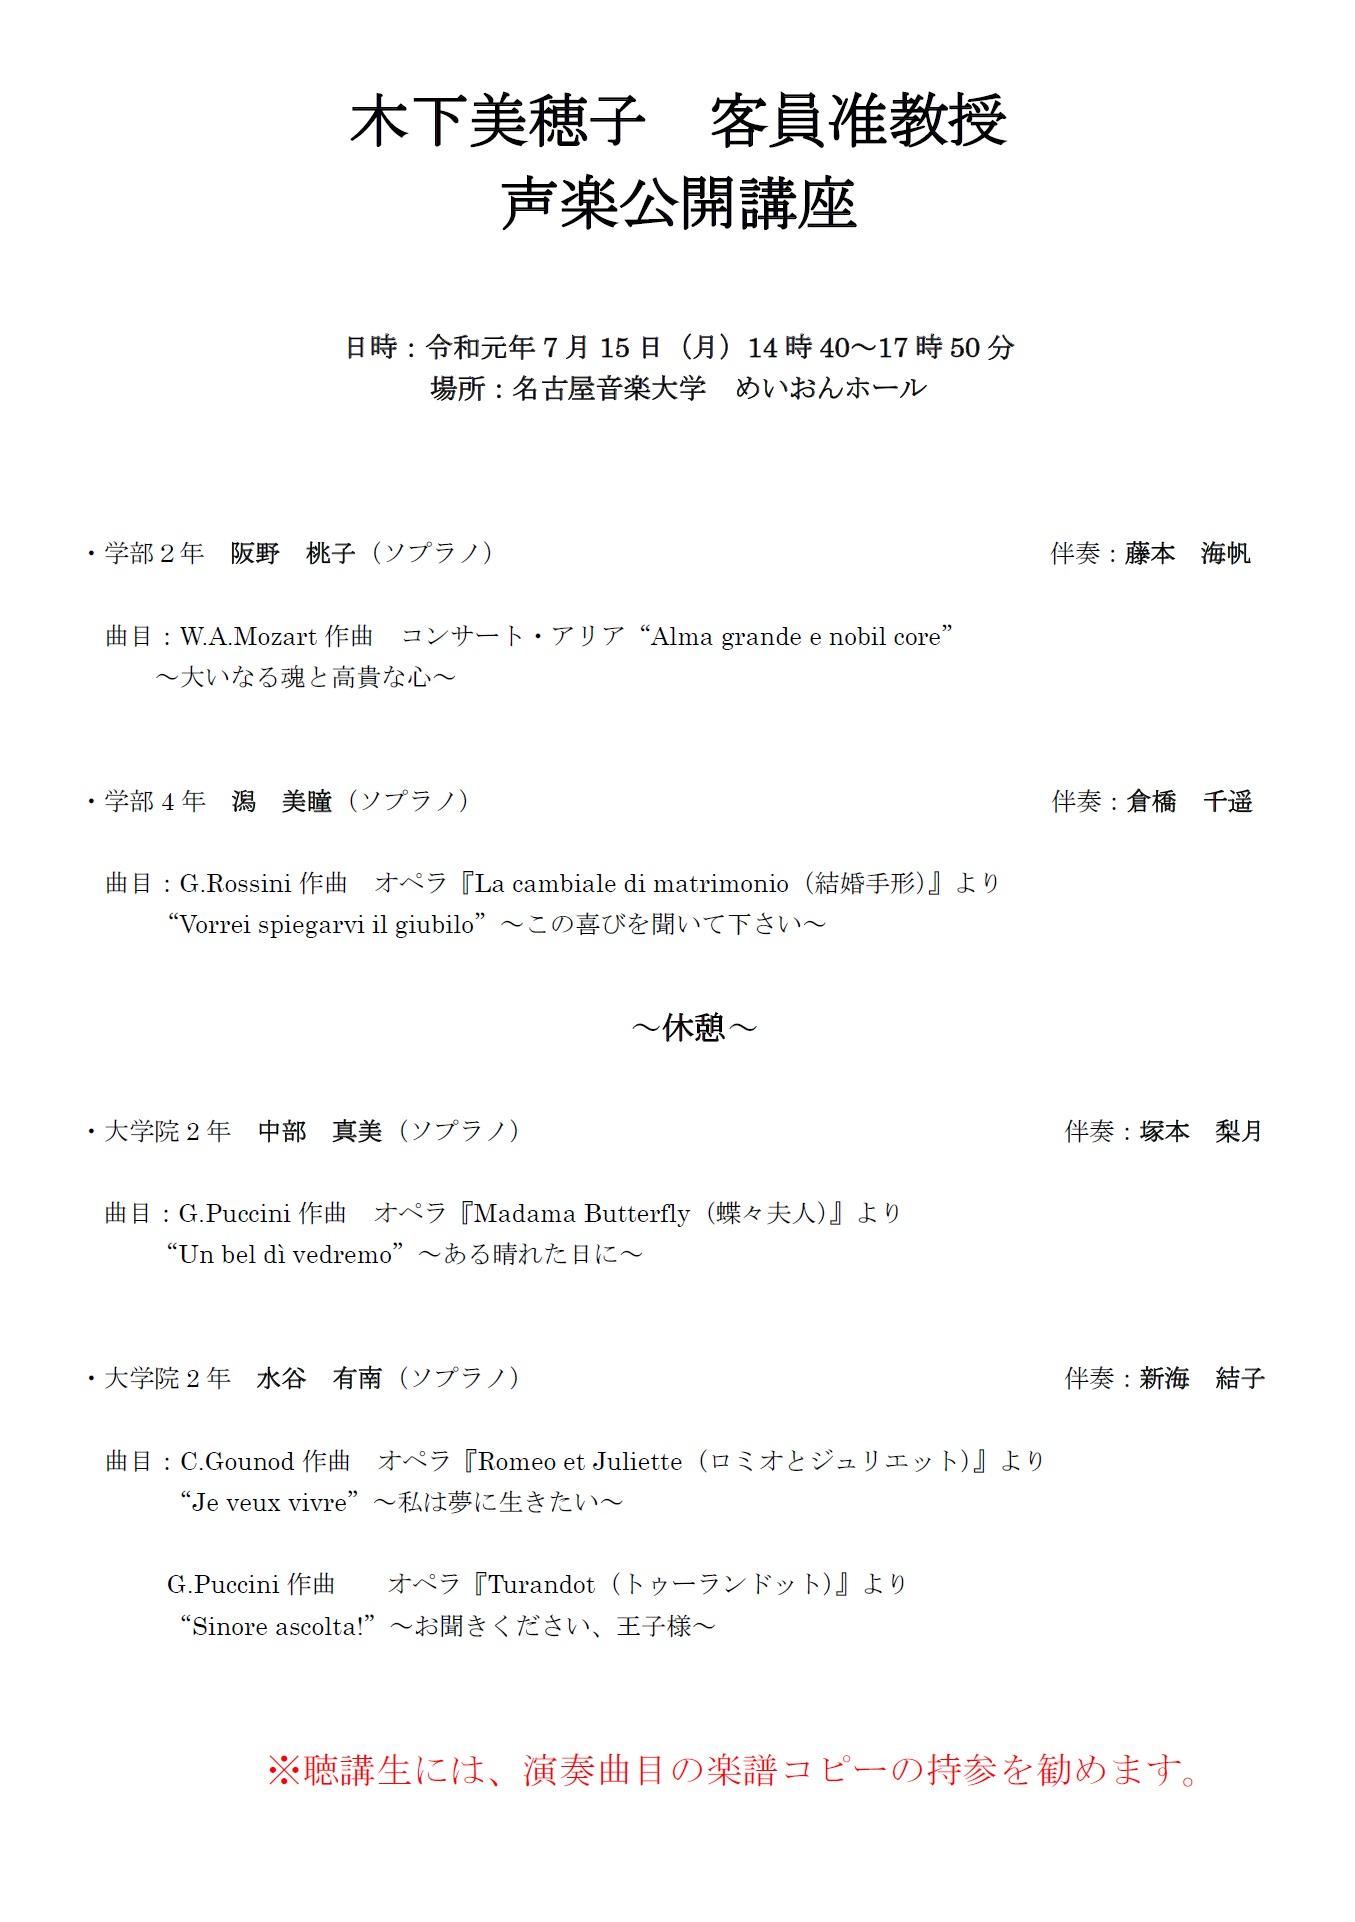 program_kinoshita2019